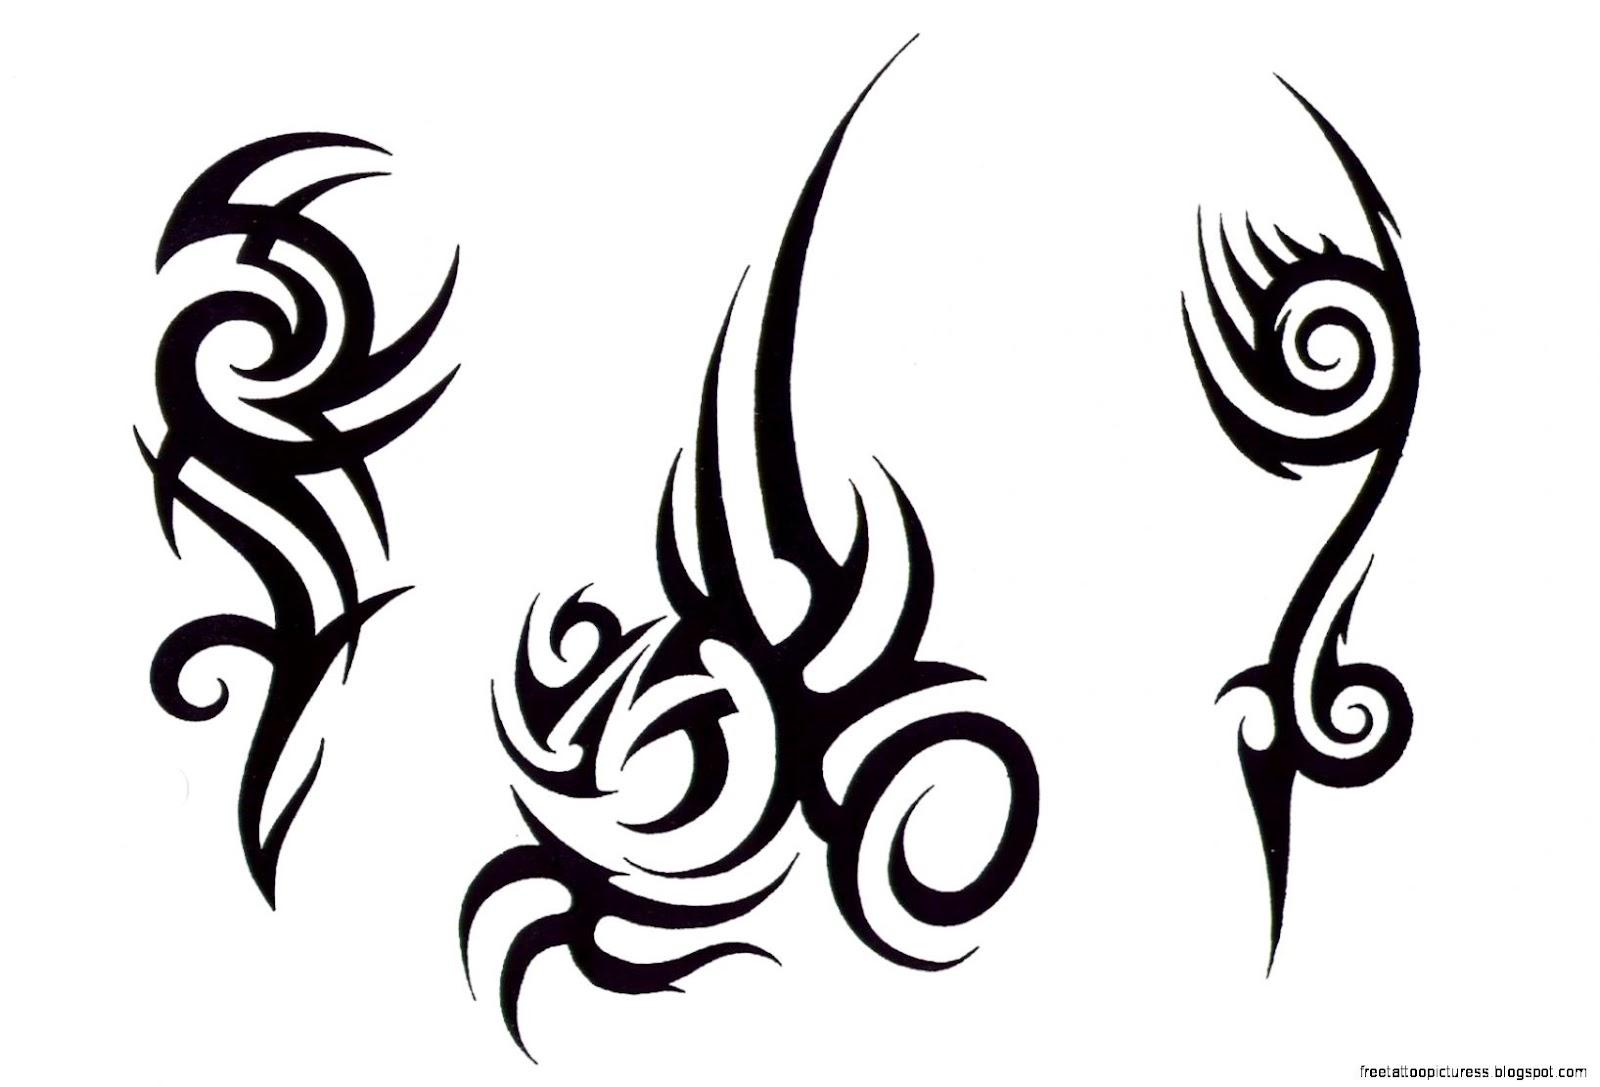 Tattoo tattoo design art flash tattoo body tattoo